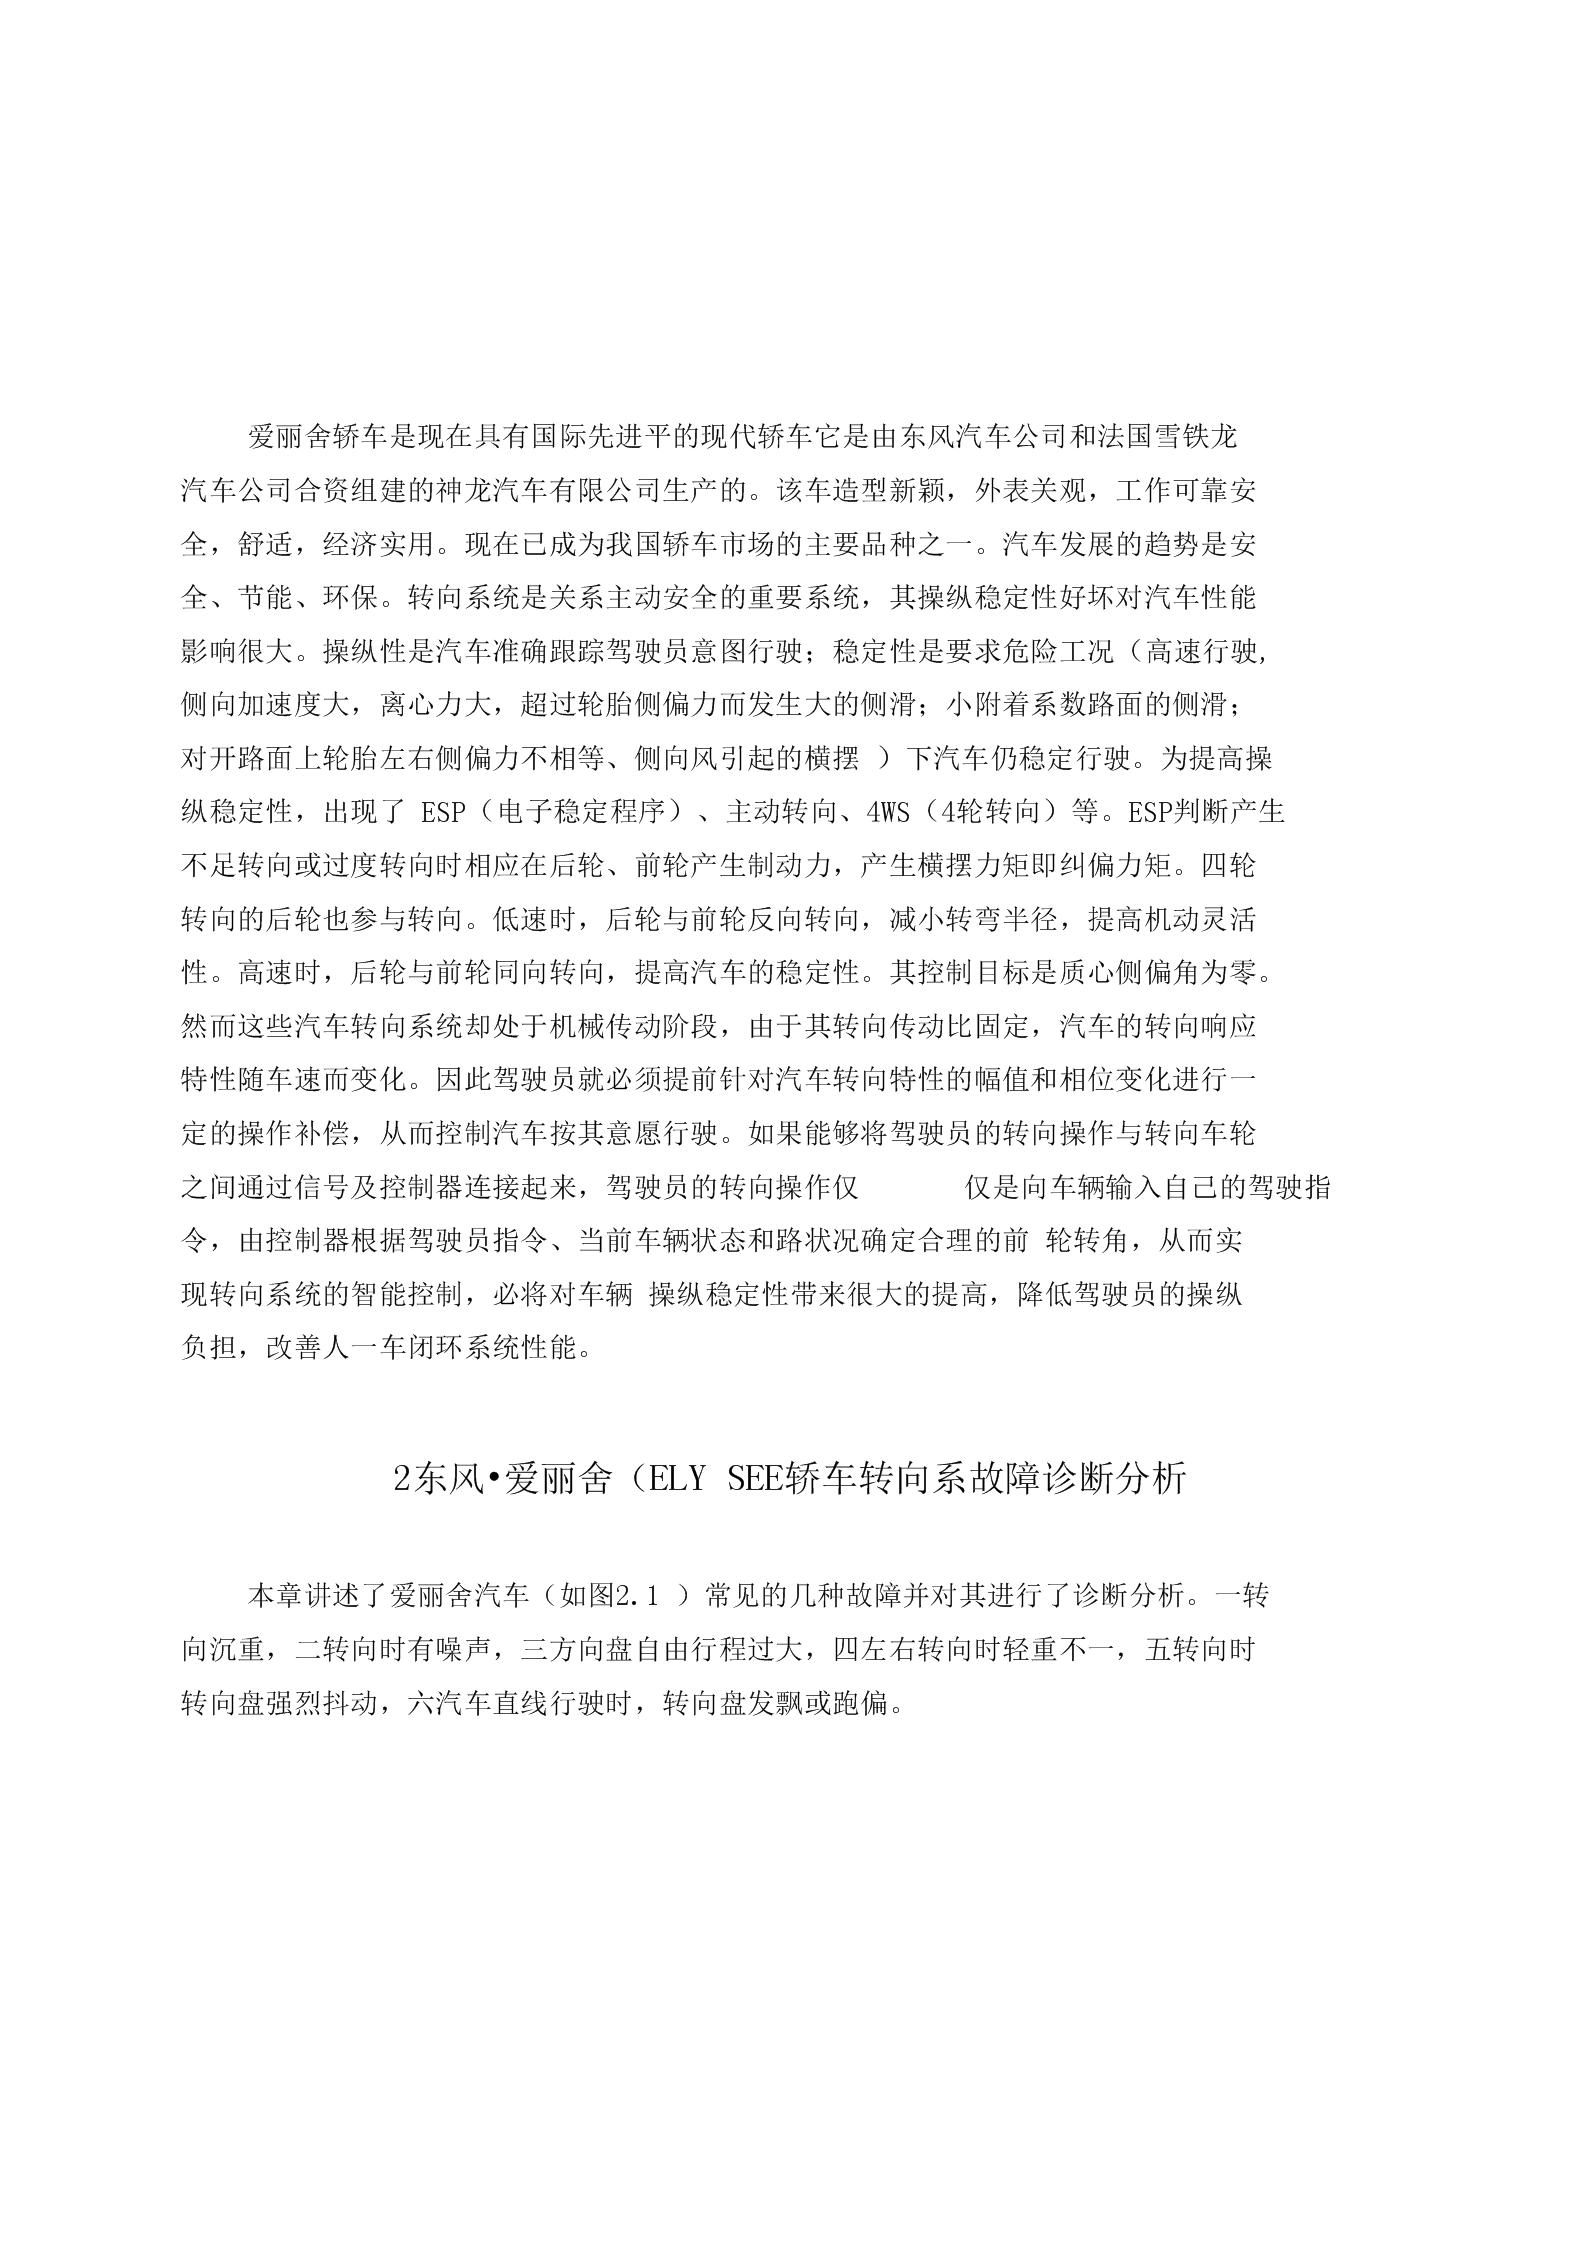 东风_爱丽舍(ELYSEE)轿车转向系故障诊断分析精品.docx